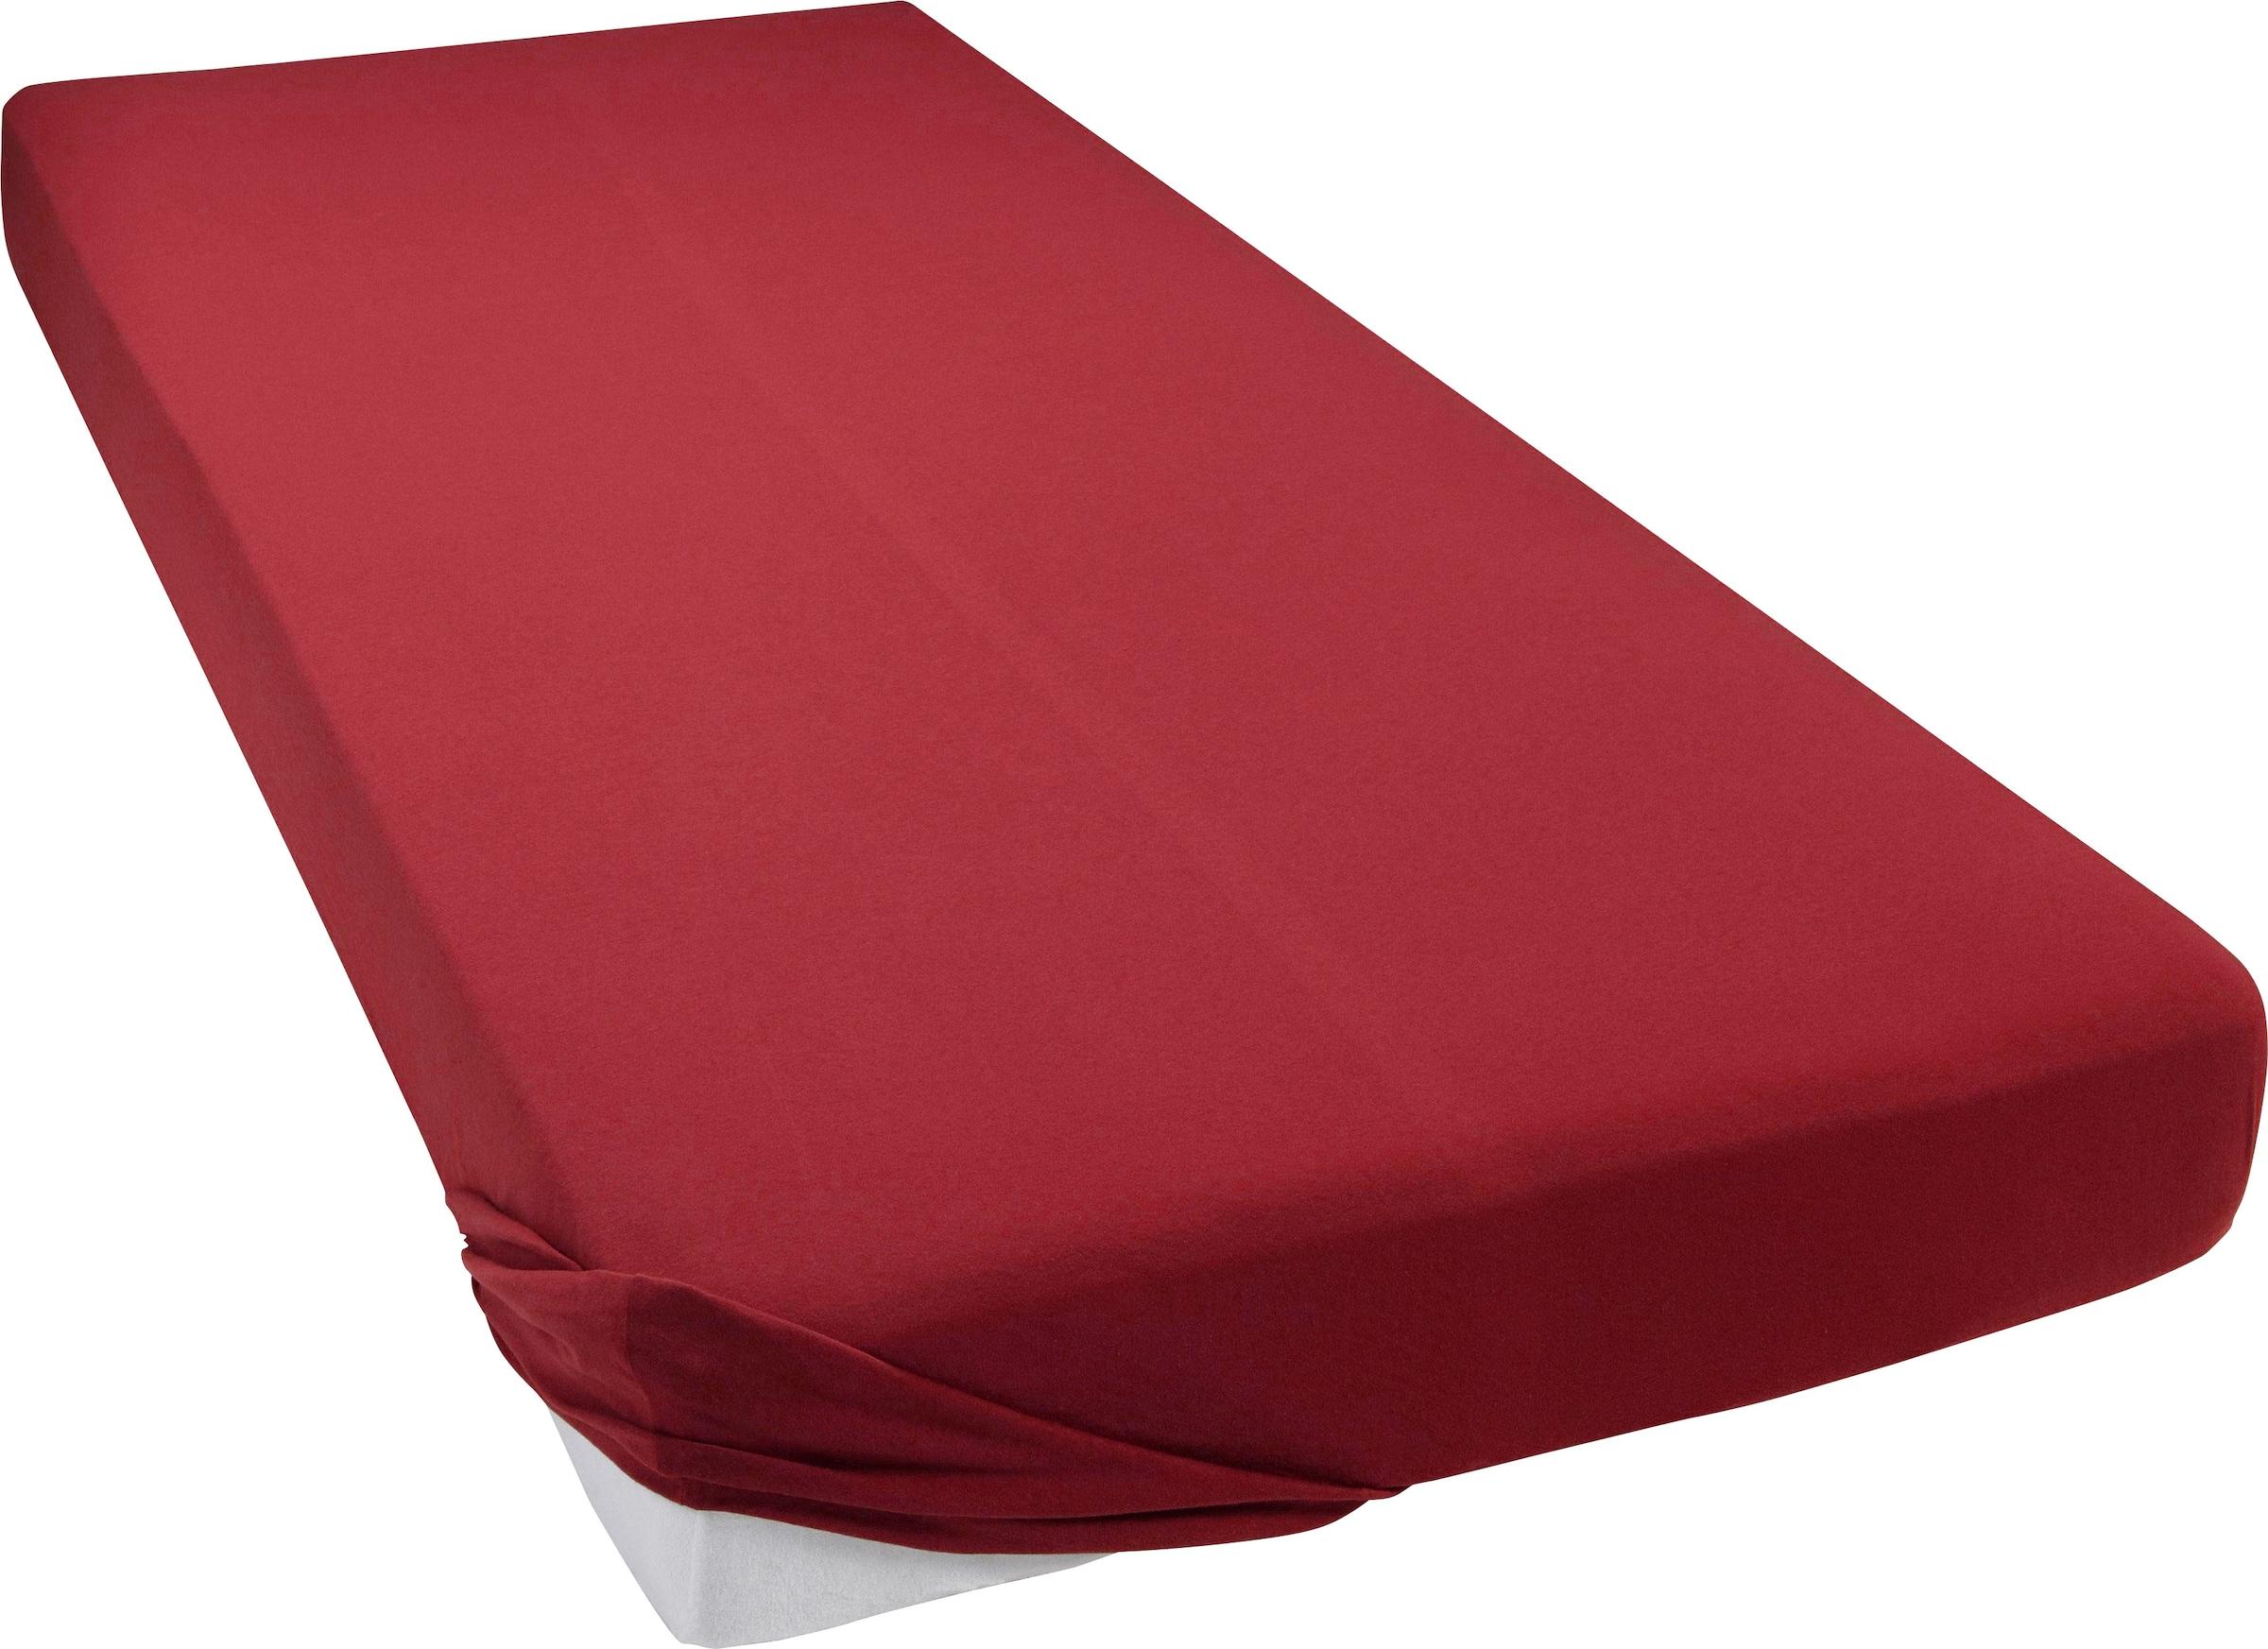 Image of bellana Spannbettlaken »Mako-Jersey exclusiv«, pflegeleicht und besonders formstabil